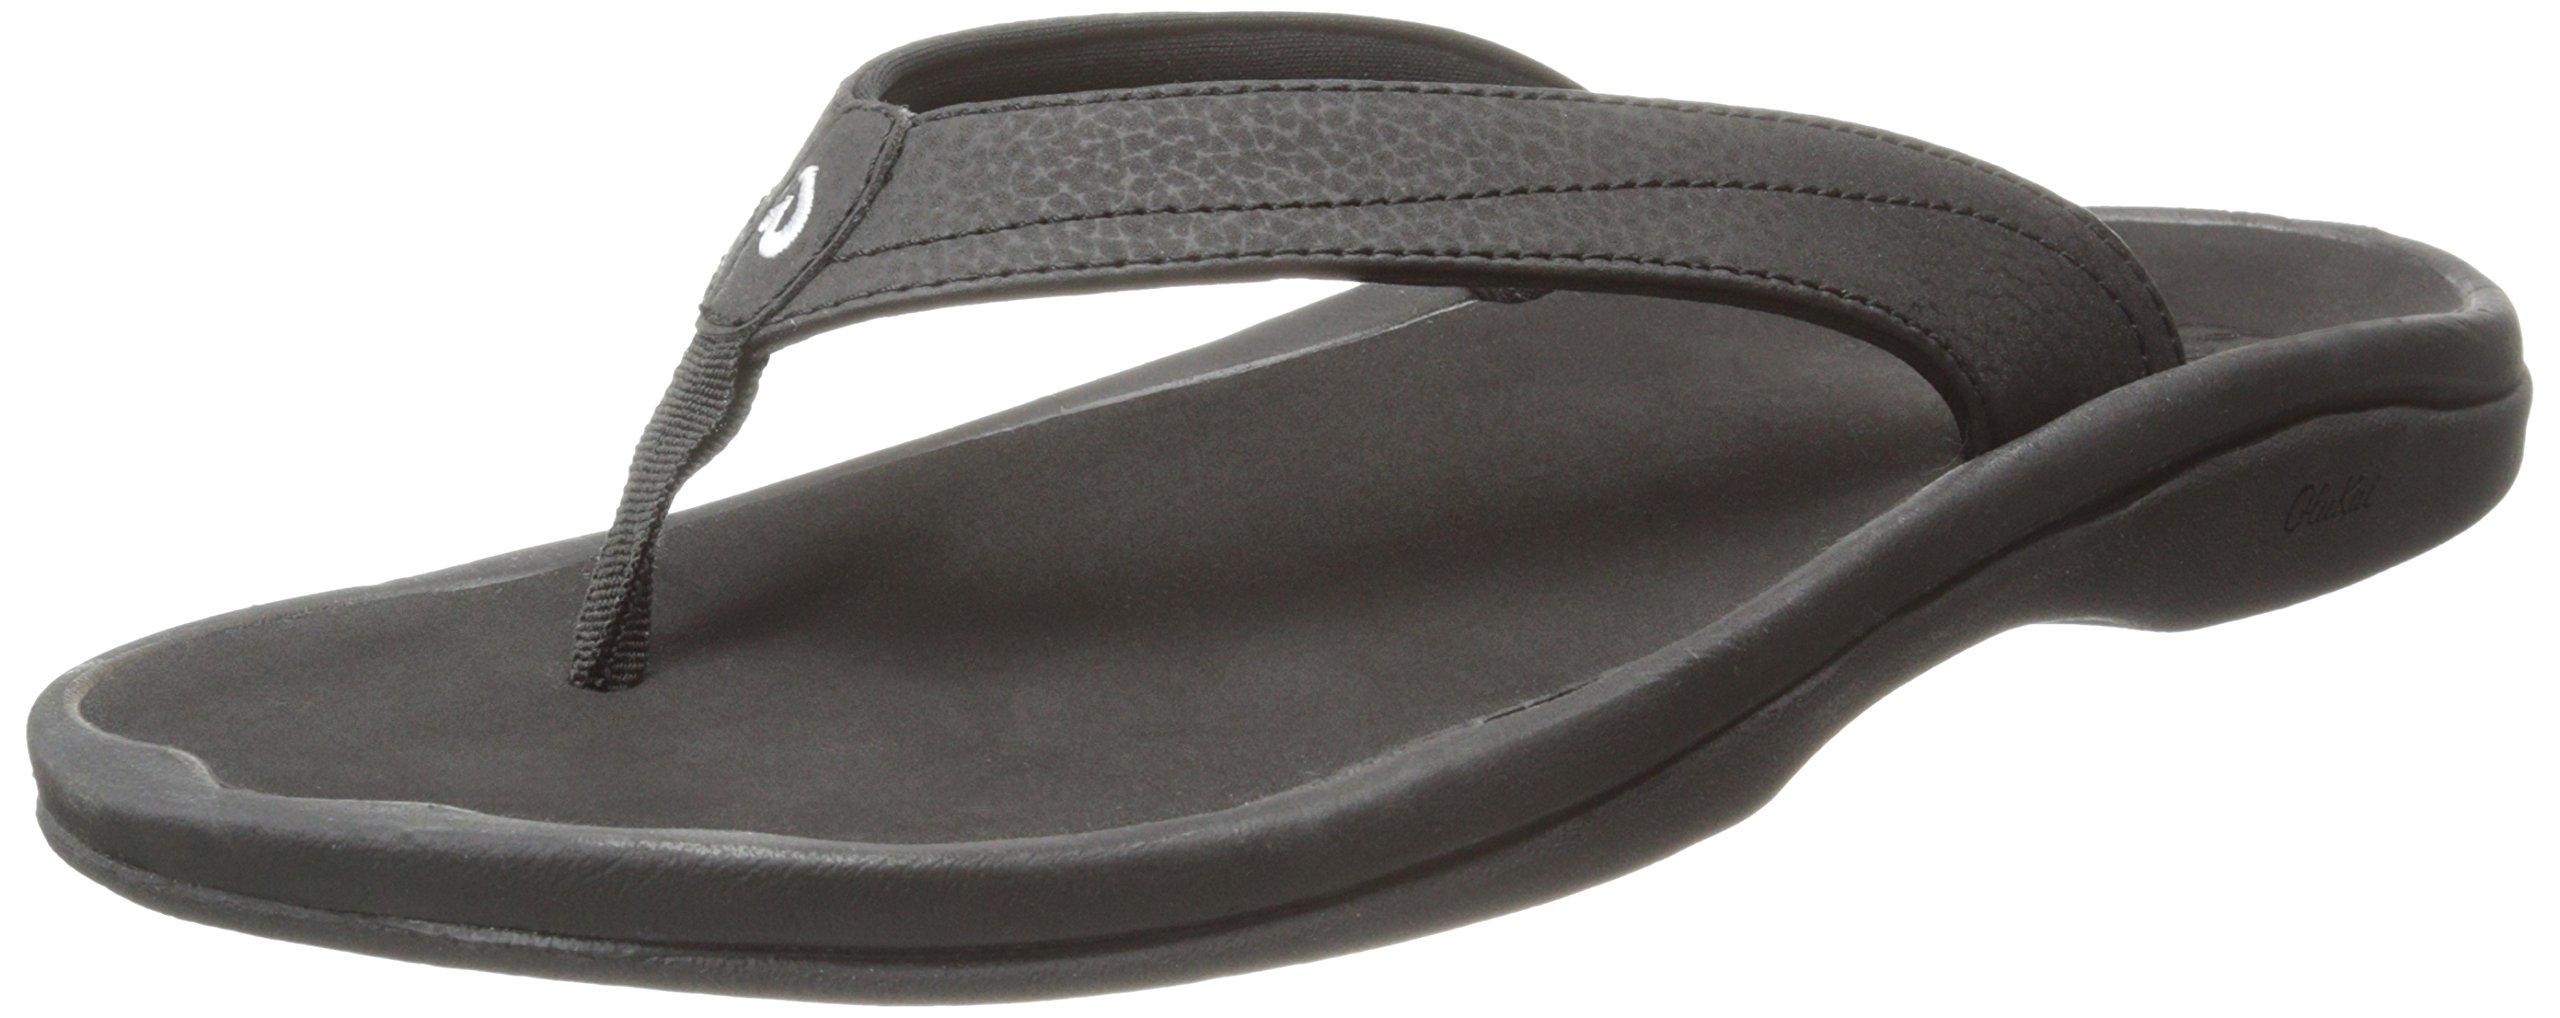 OLUKAI Women's Ohana Sandal, Black/Black, 8 M US by OLUKAI